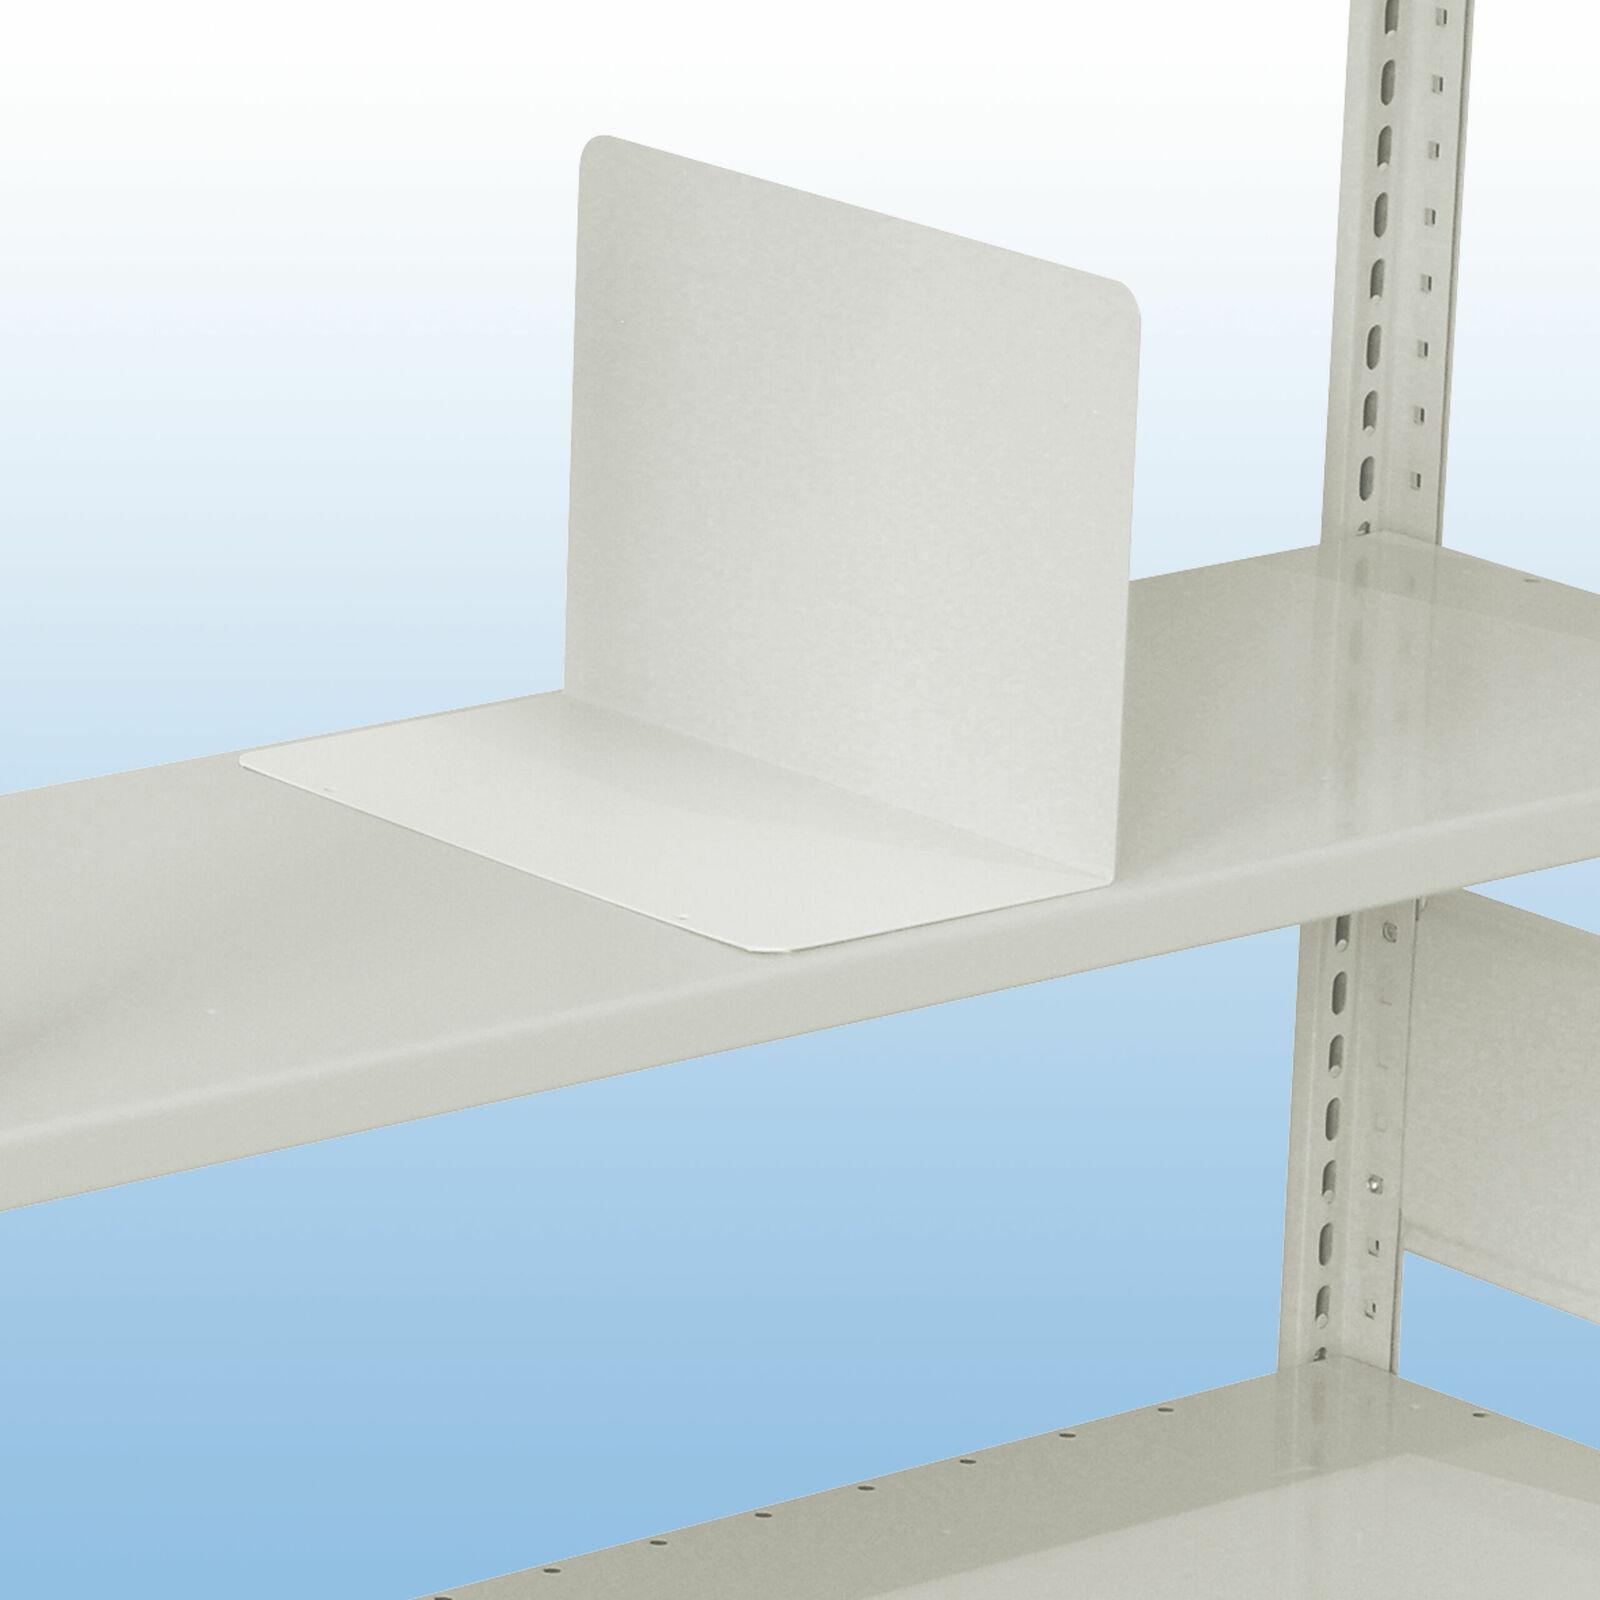 buchst tze freistehend zubeh r s20 tragkraft 150 kg bei kaiser systeme. Black Bedroom Furniture Sets. Home Design Ideas